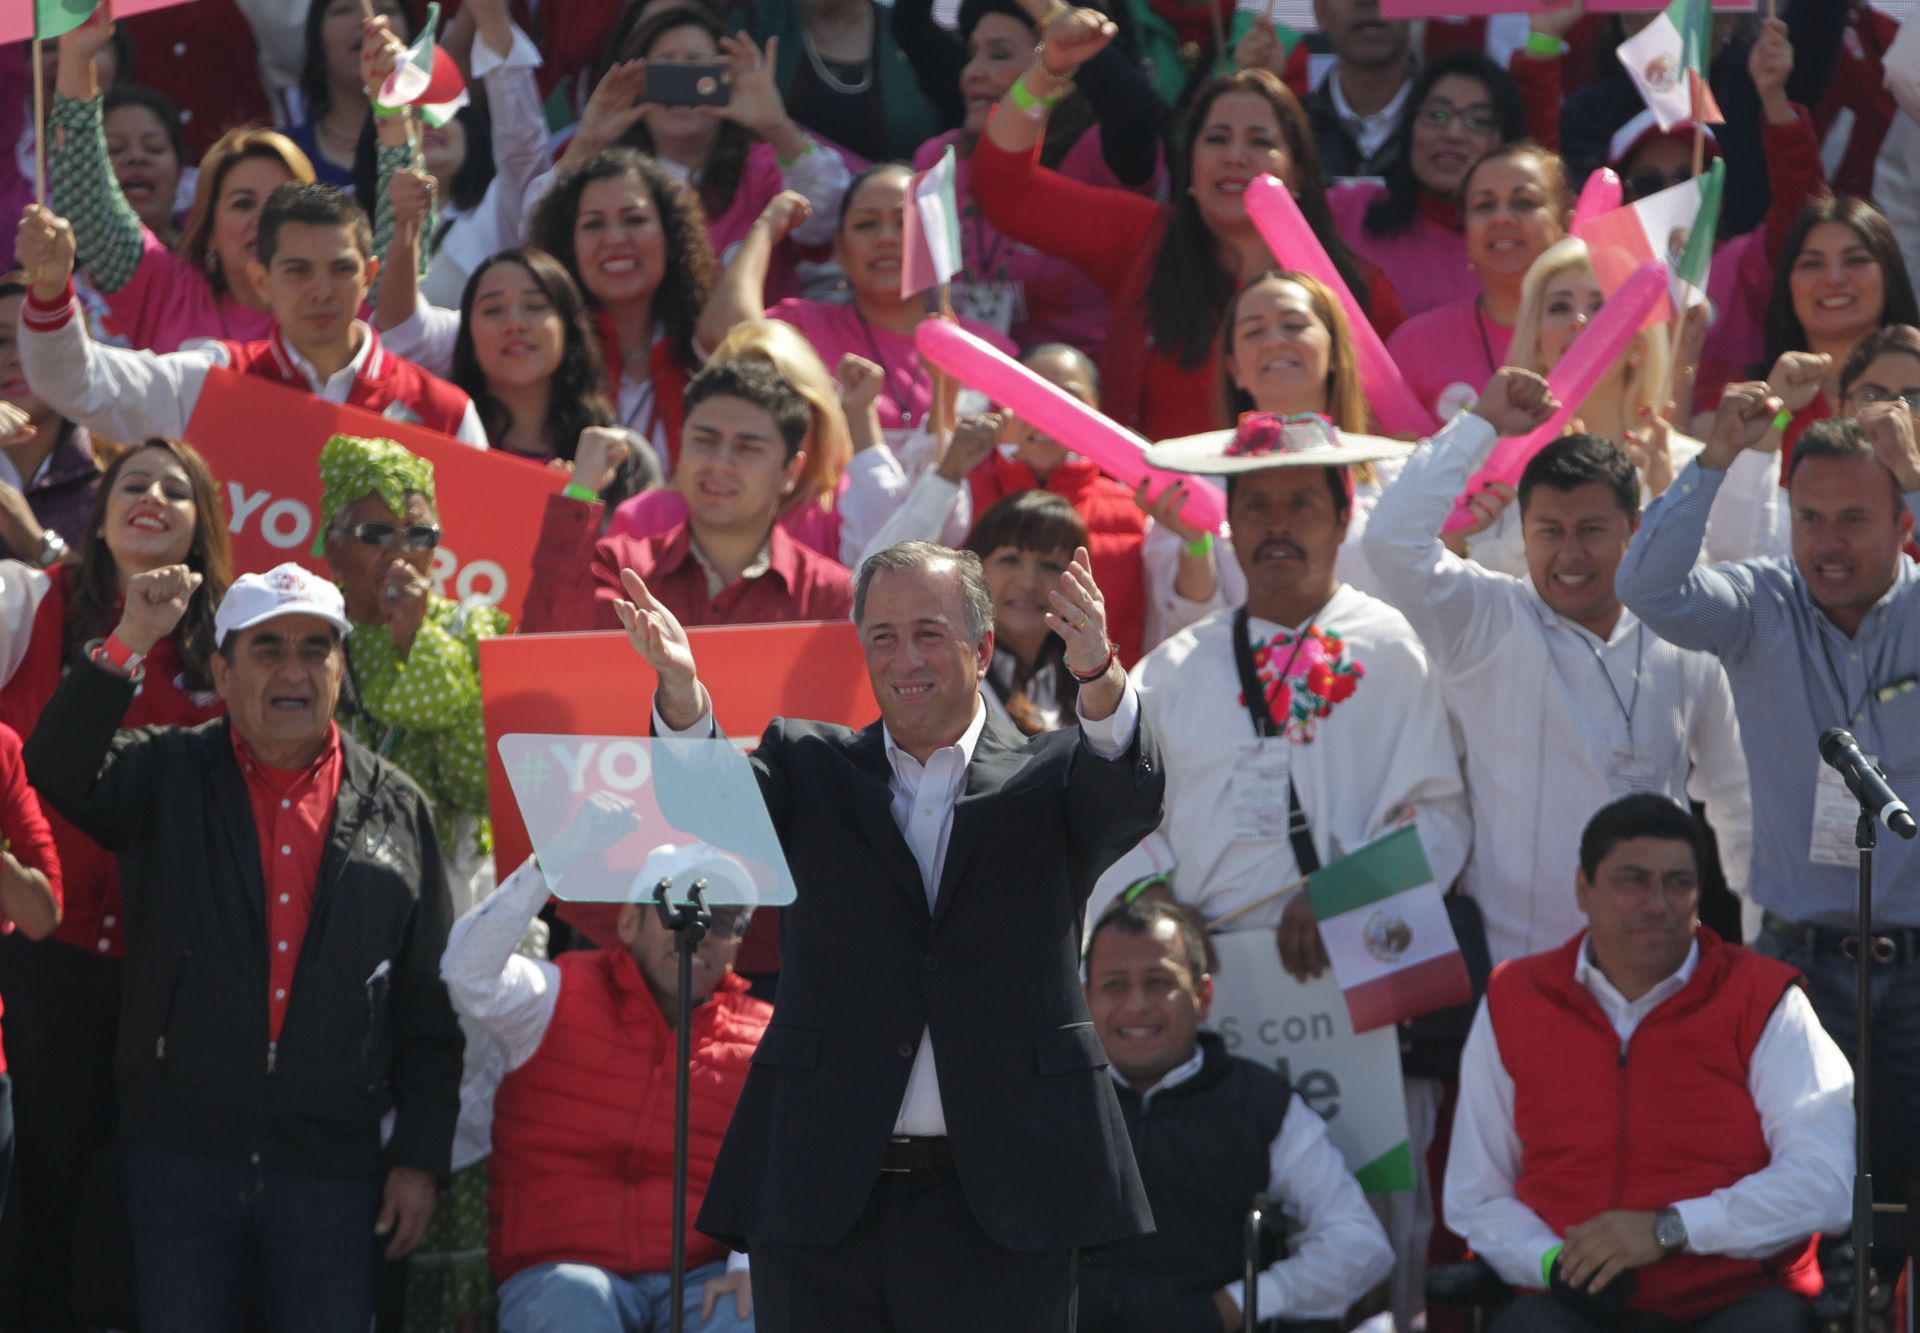 José Antonio Meade (c) saluda durante su toma de protesta como candidato presidencial por el Partido Revolucionario Institucional (PRI)